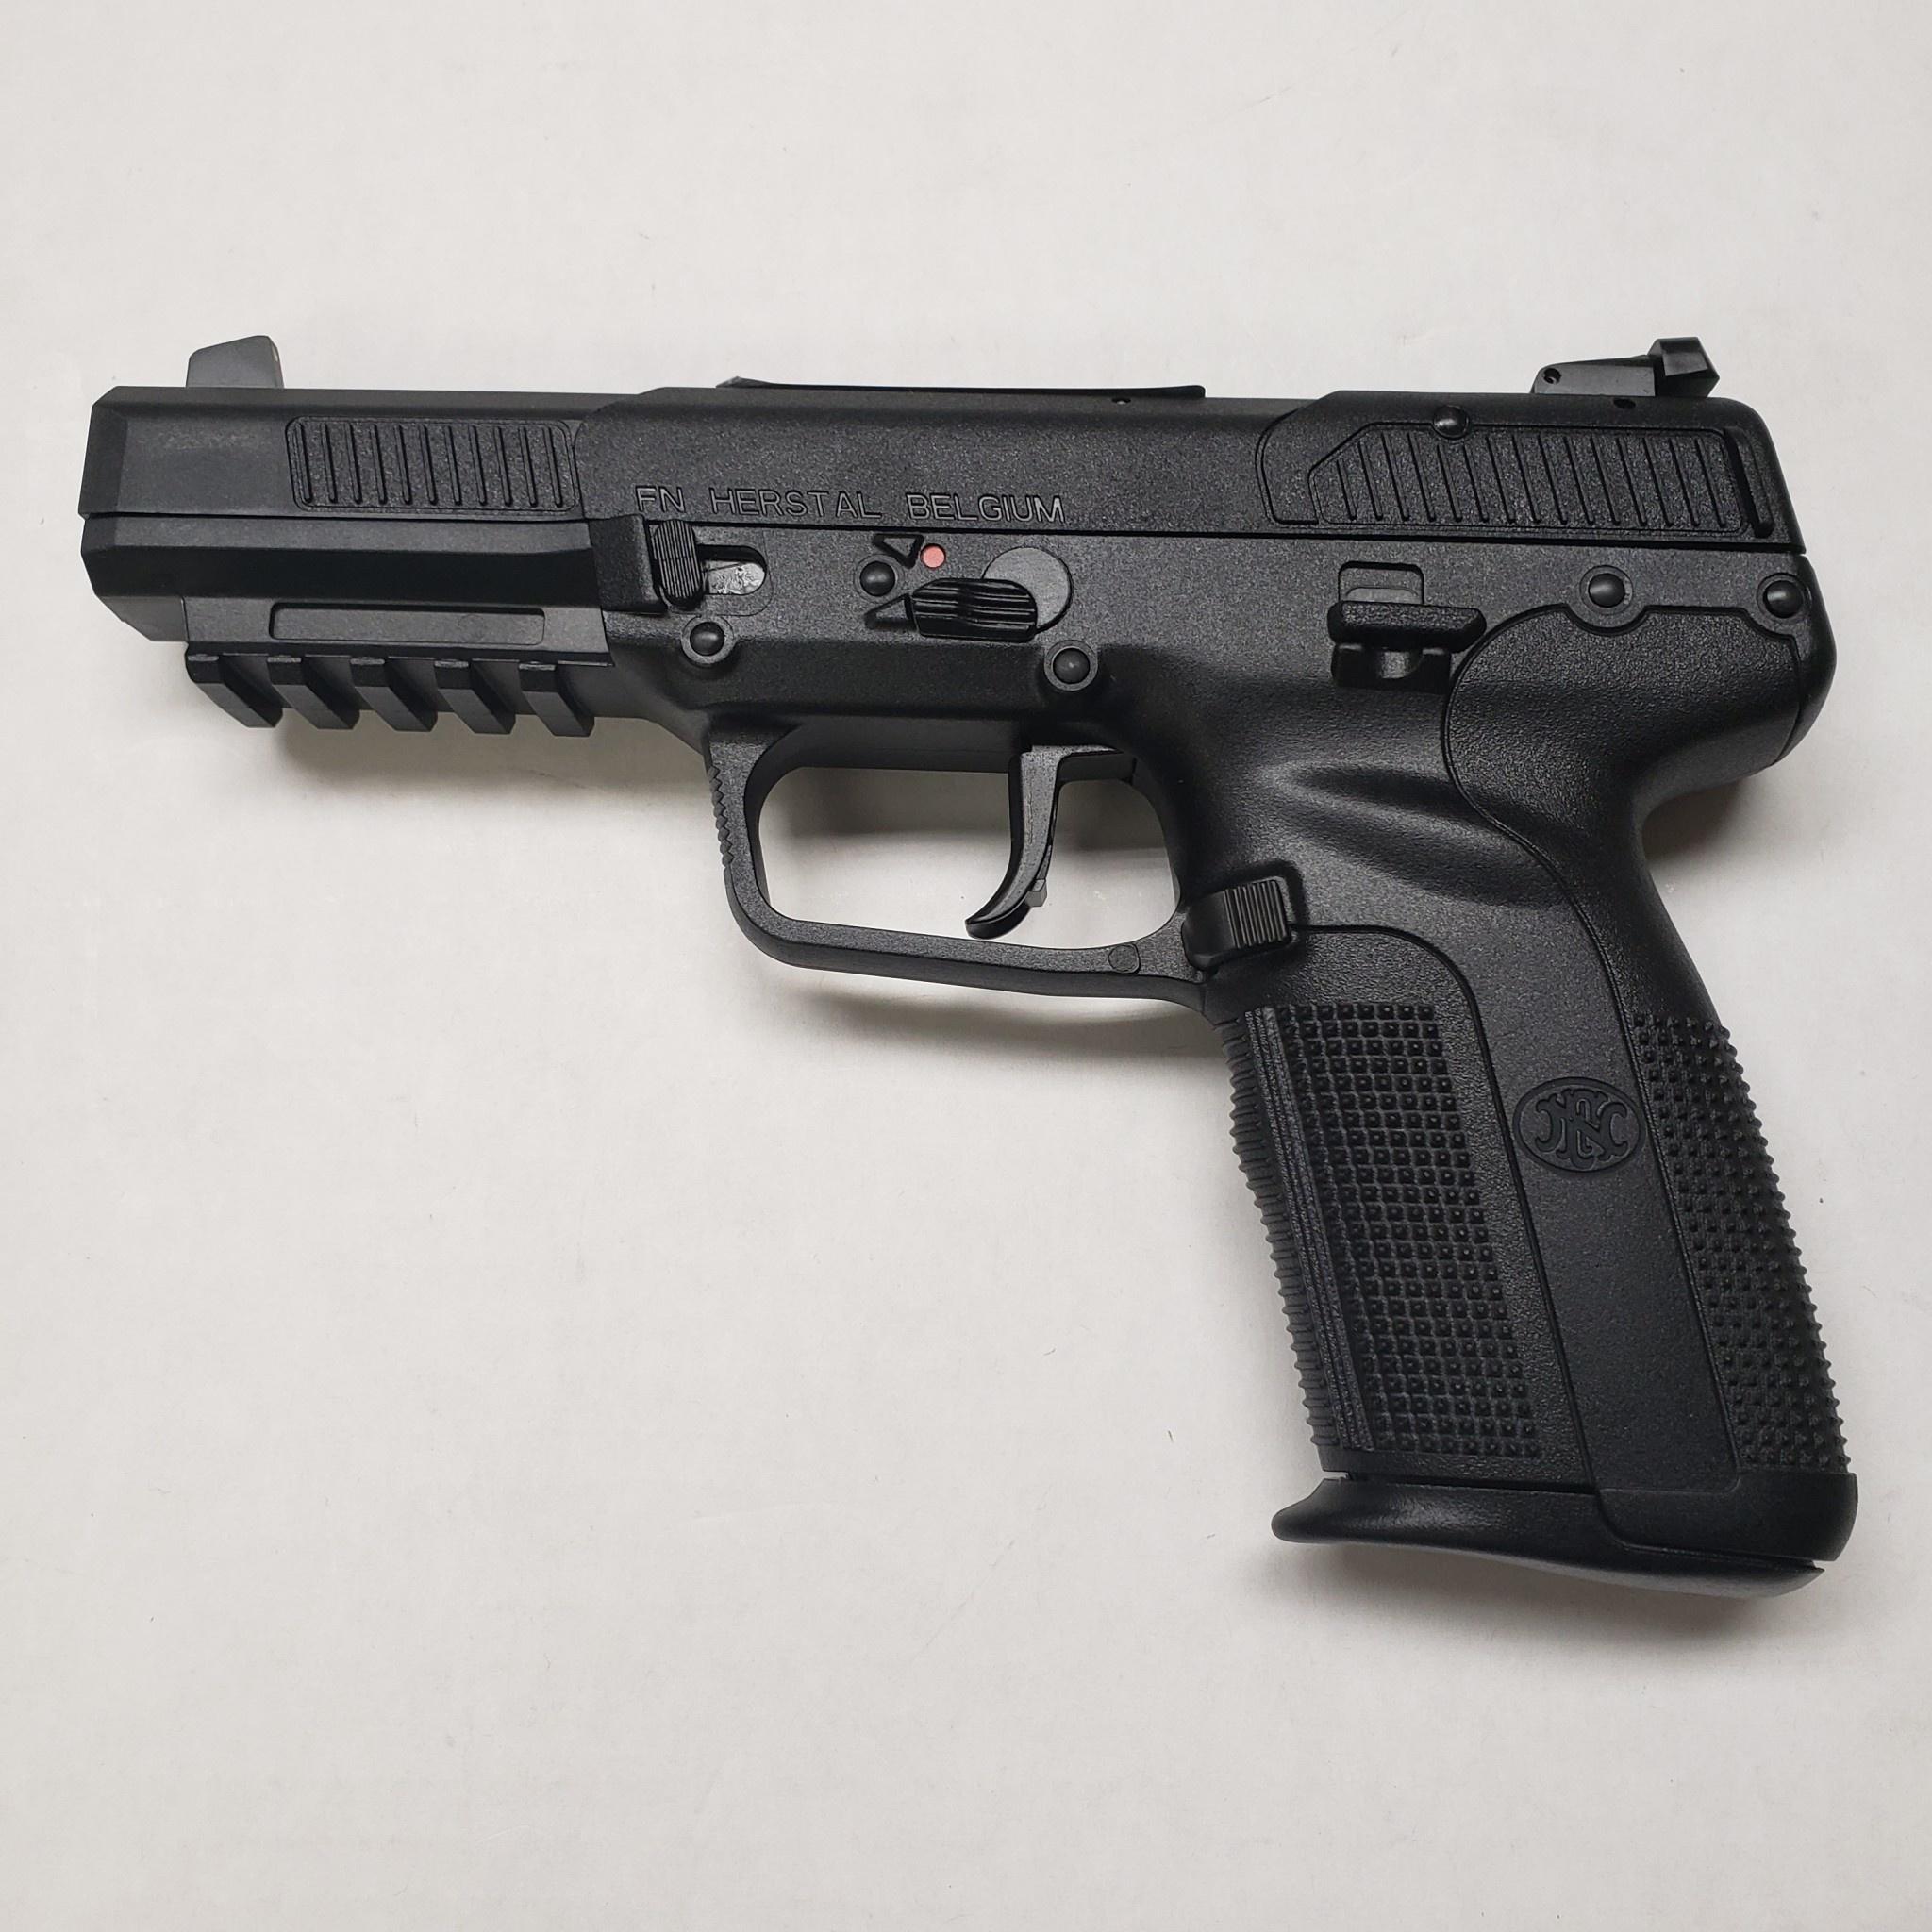 FN America MK II Pistol 5.7x28